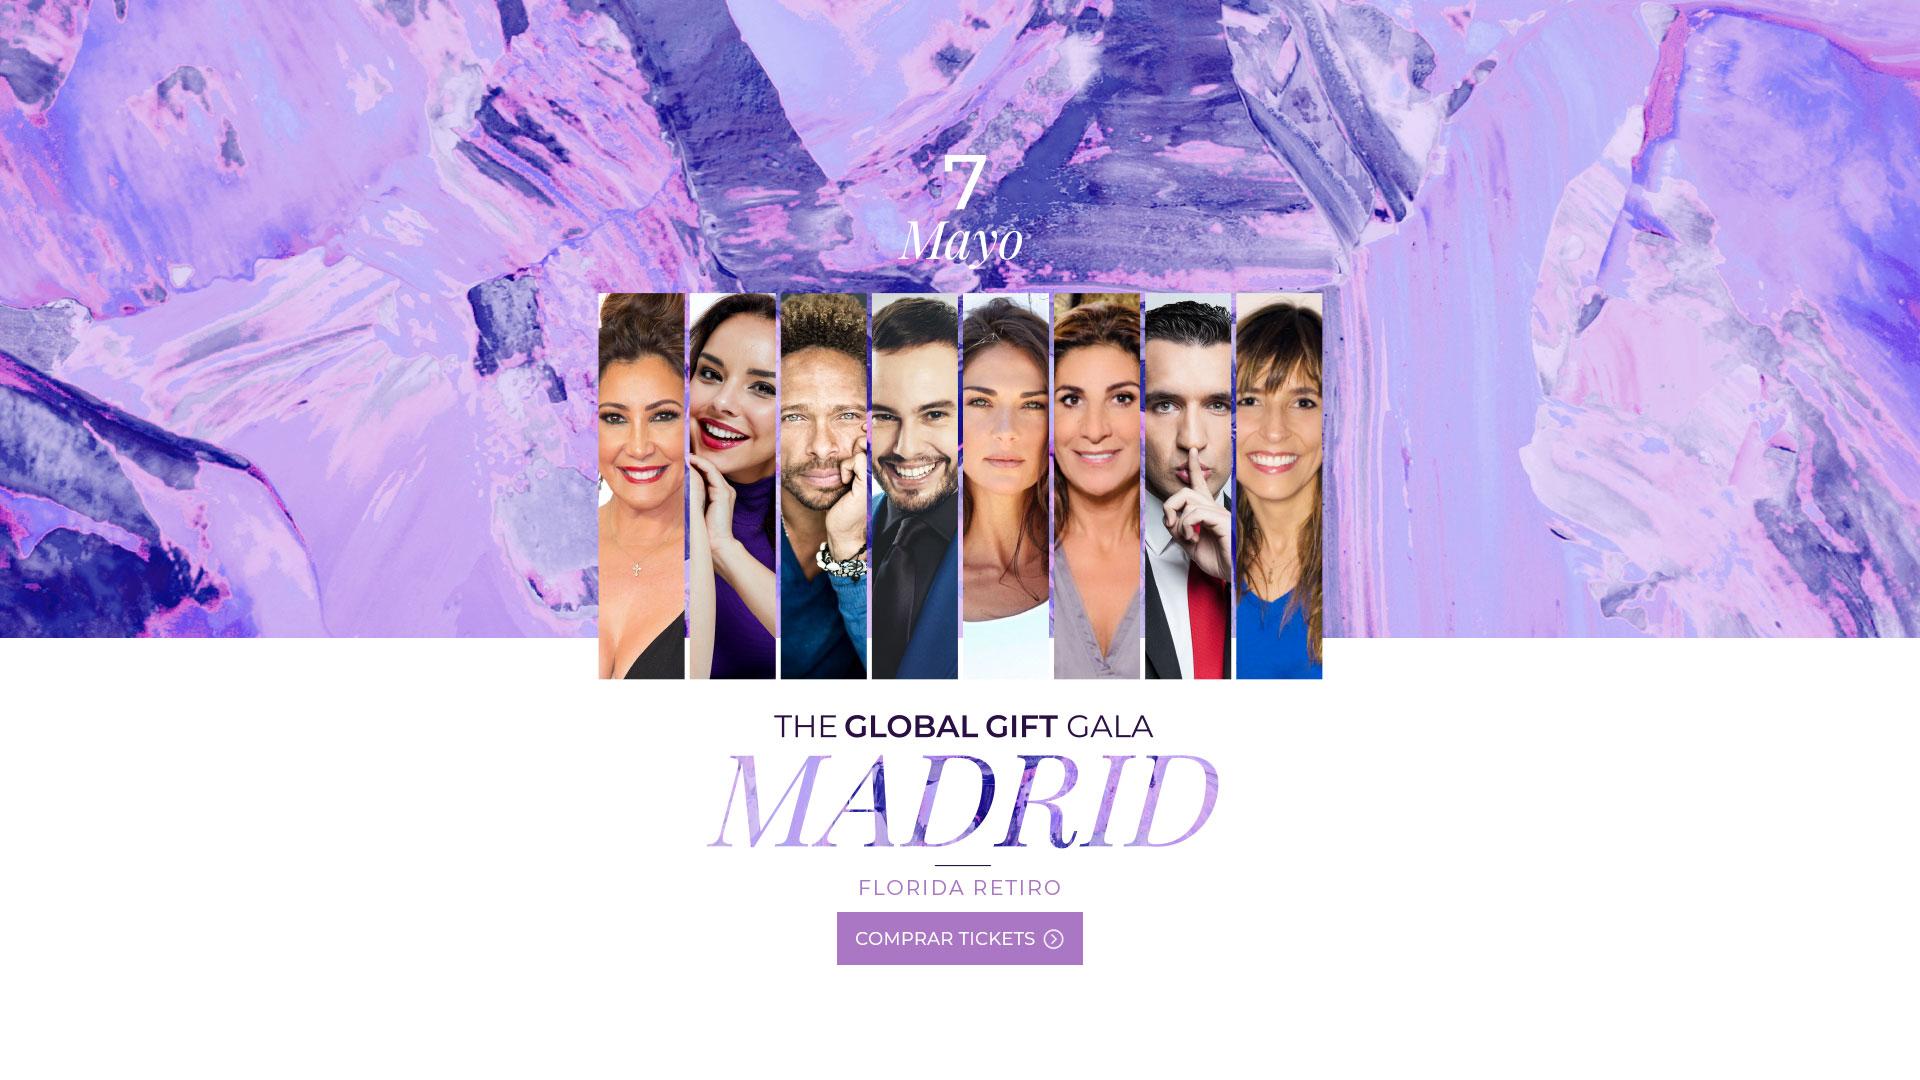 The Global Gift Gala Madrid 2019